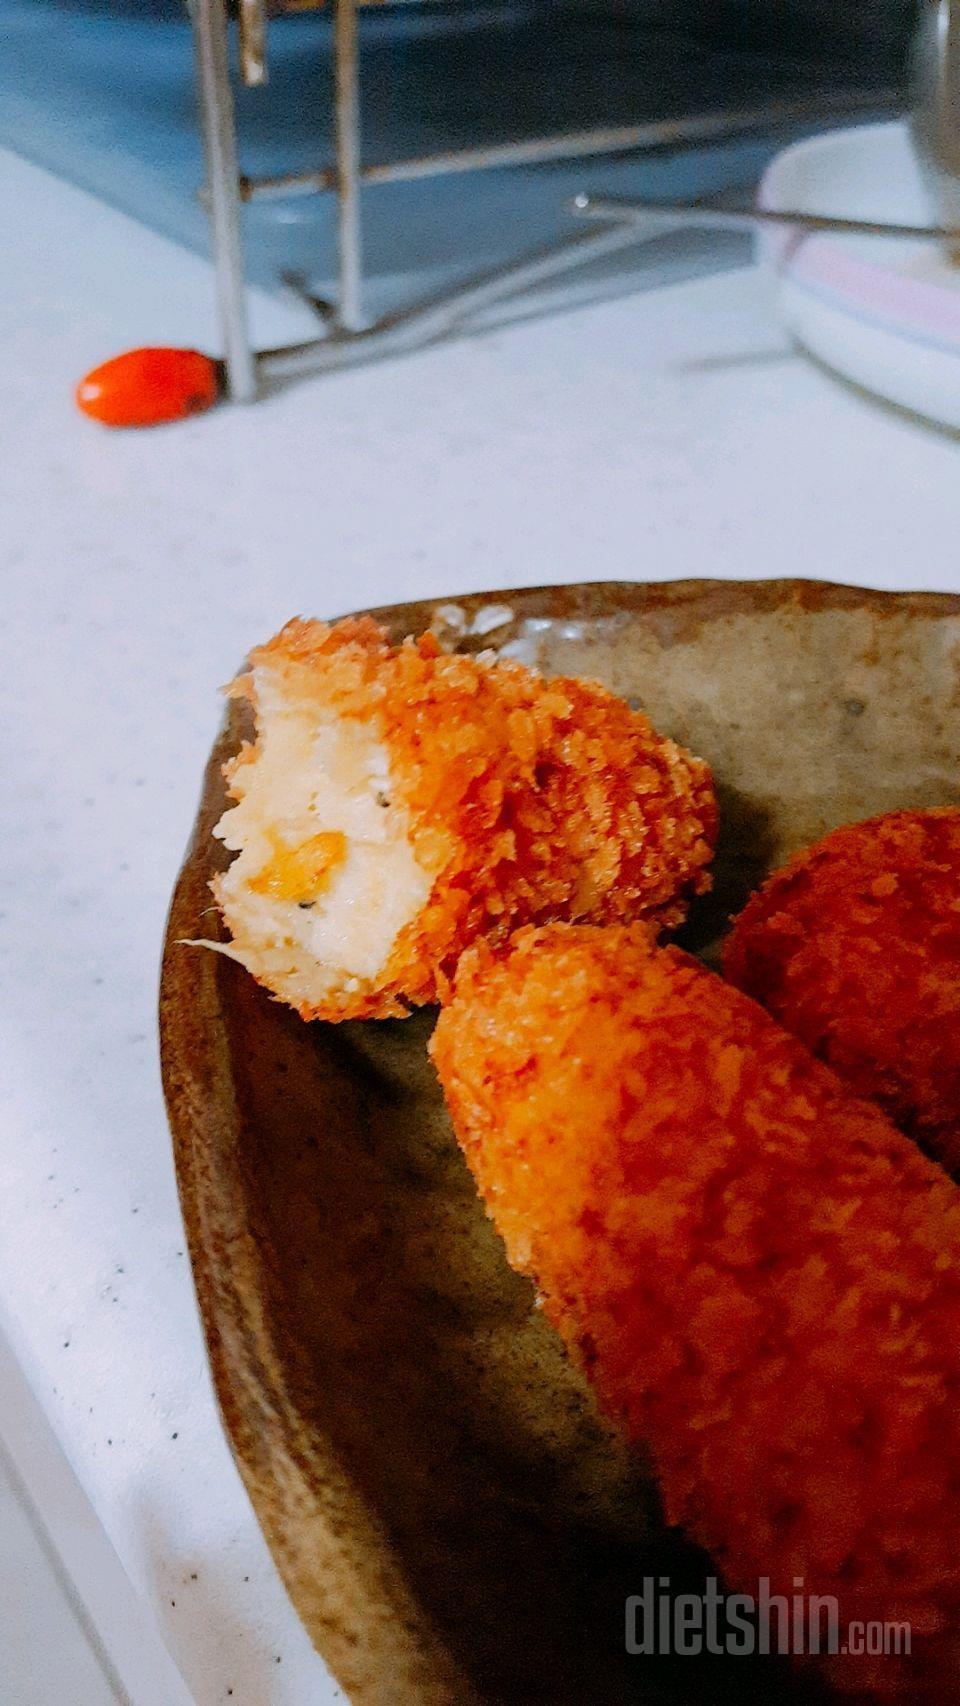 (공모전2)닭가슴살감자카레고로케♡